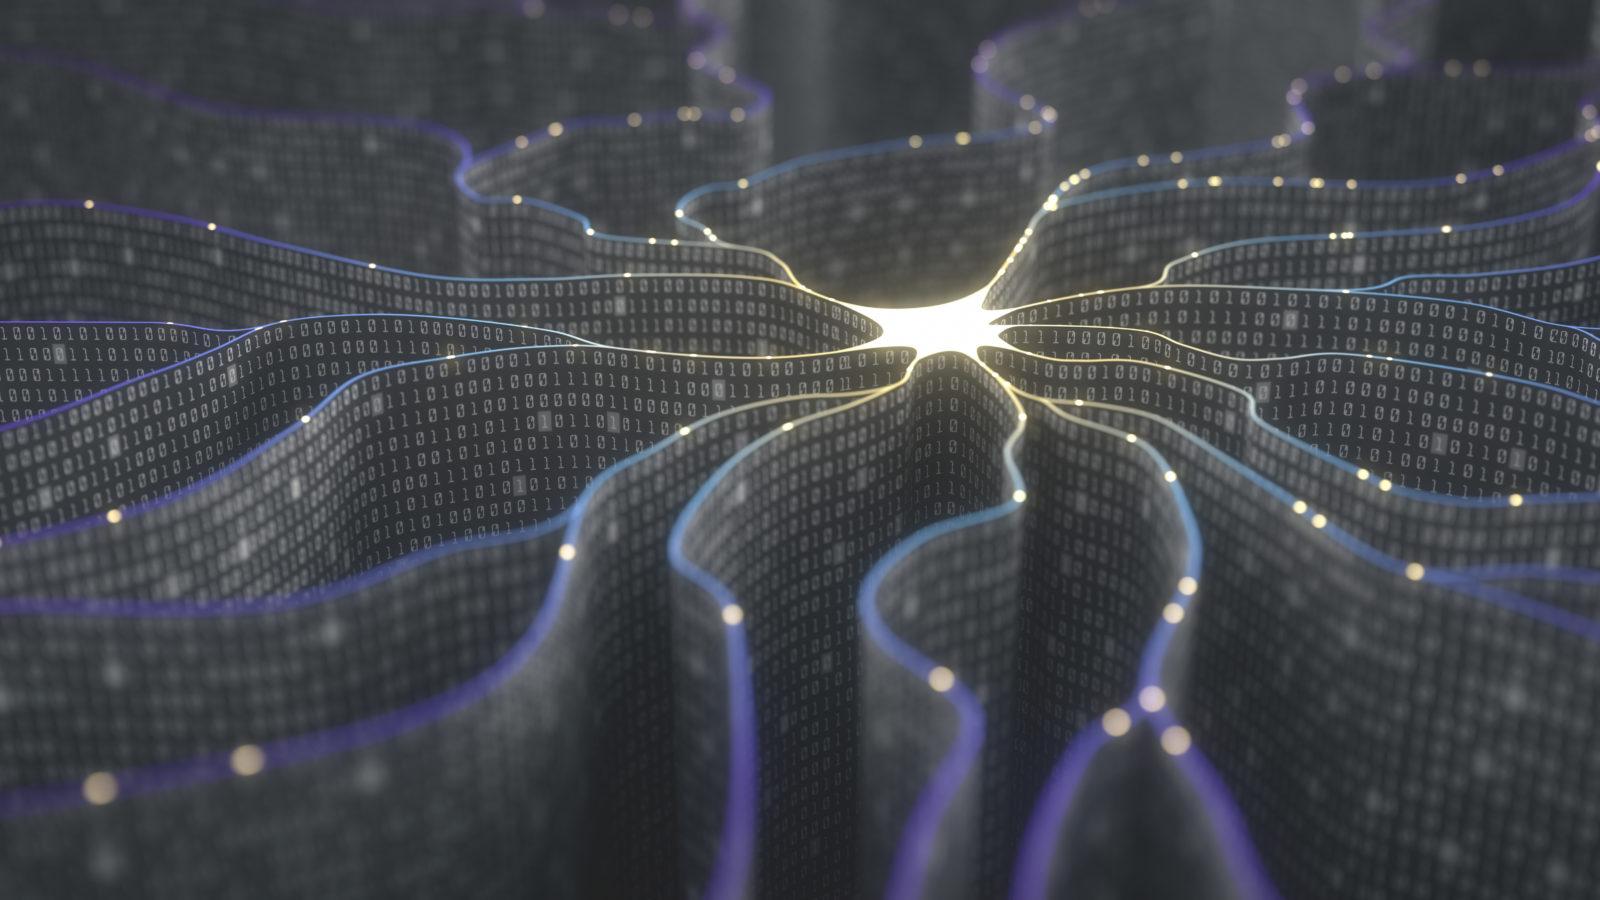 FDA正在加速人工智慧相關審核批准 (圖片來源: STAT)